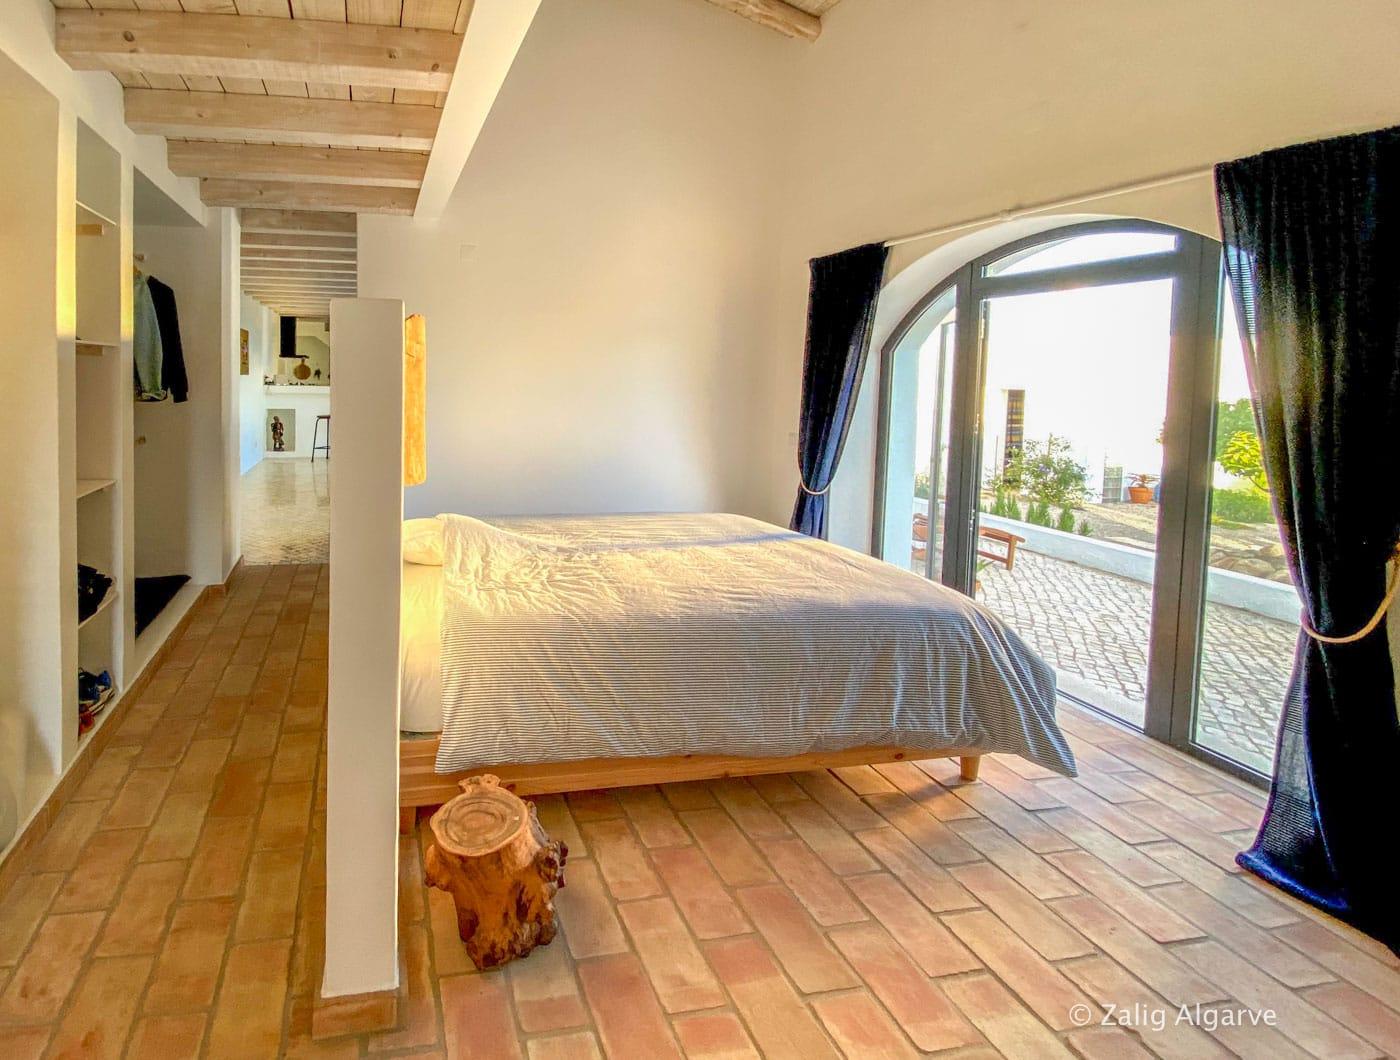 casa-linear-zalig-Algarve-27_1